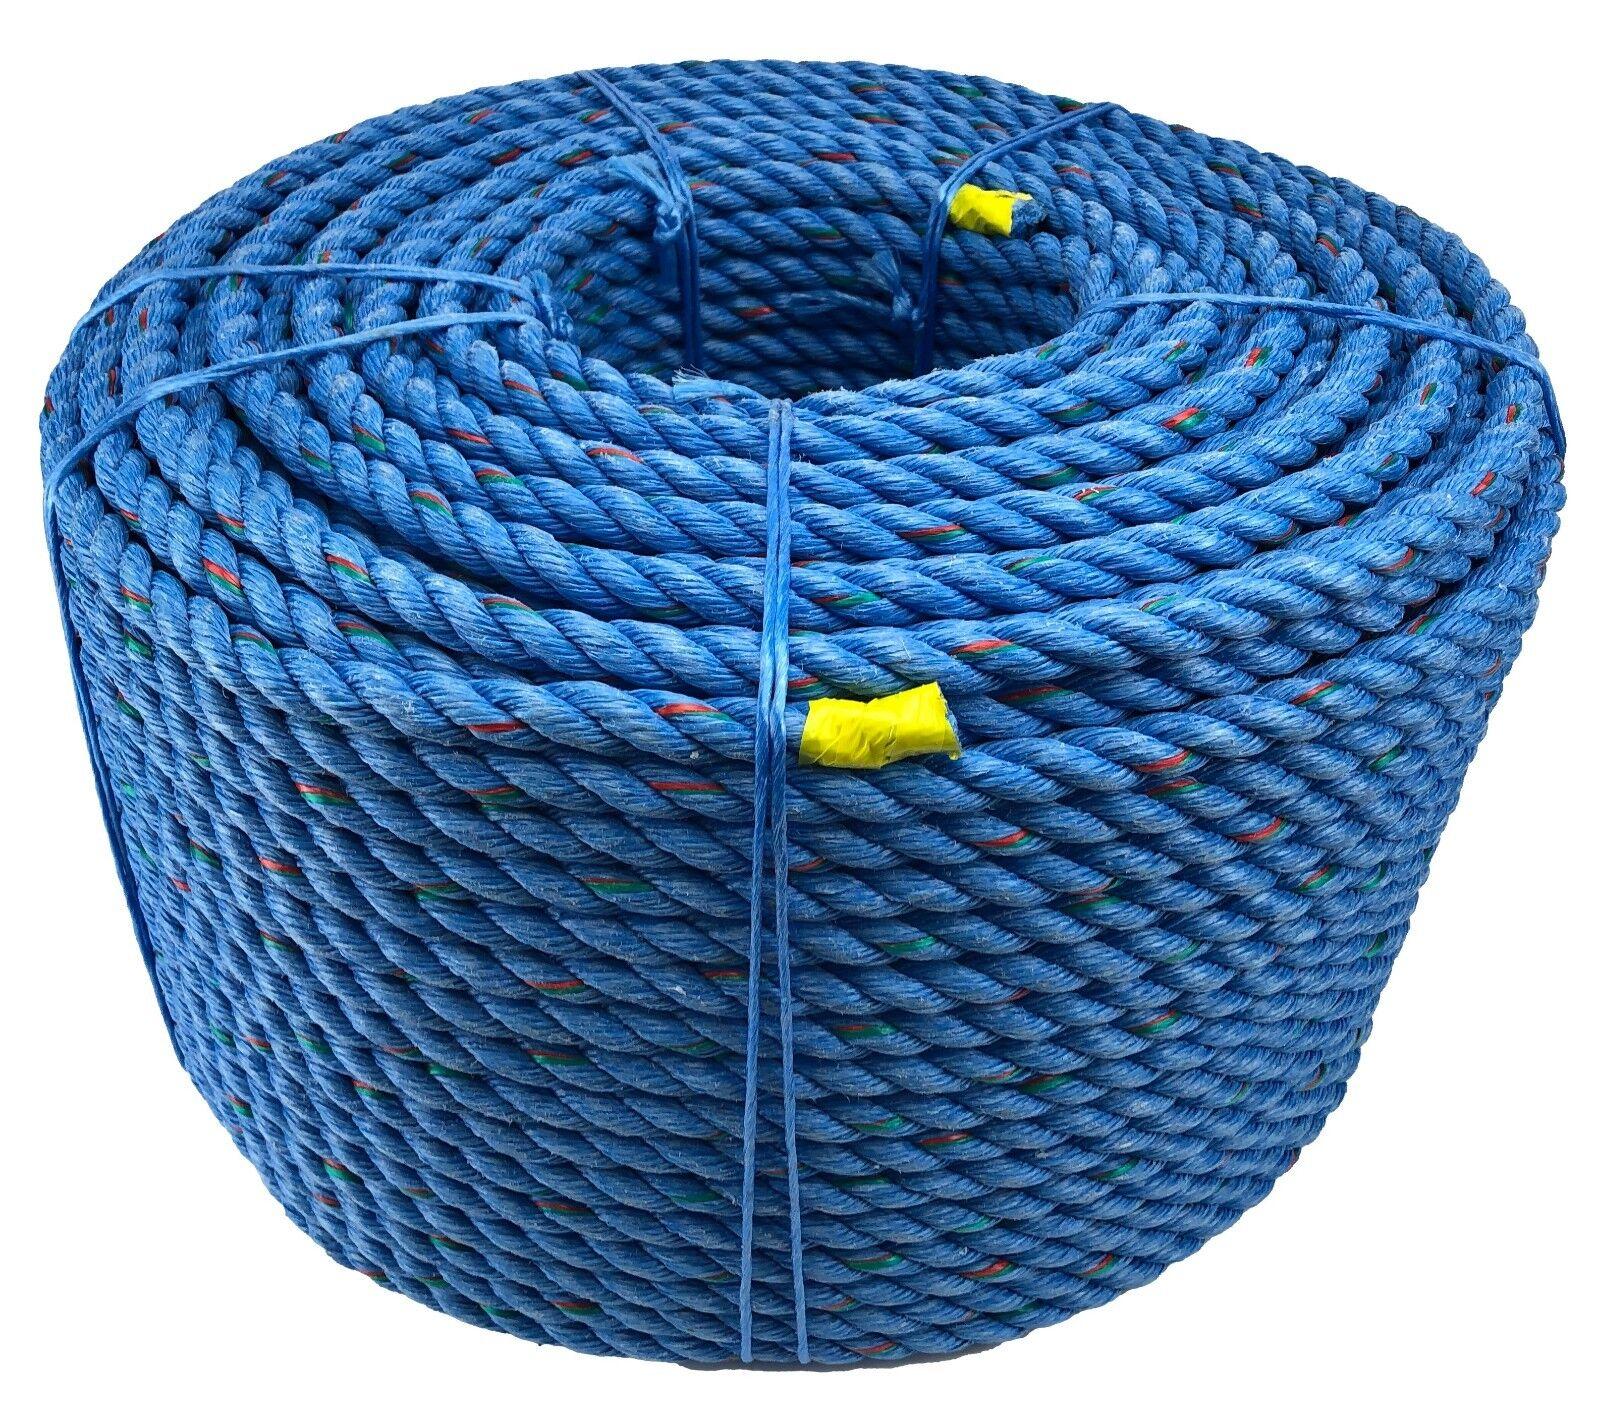 16mm Poliacero Cuerda X 100 Metres, Reglaje Arborista Reparación Árbol Cirugía